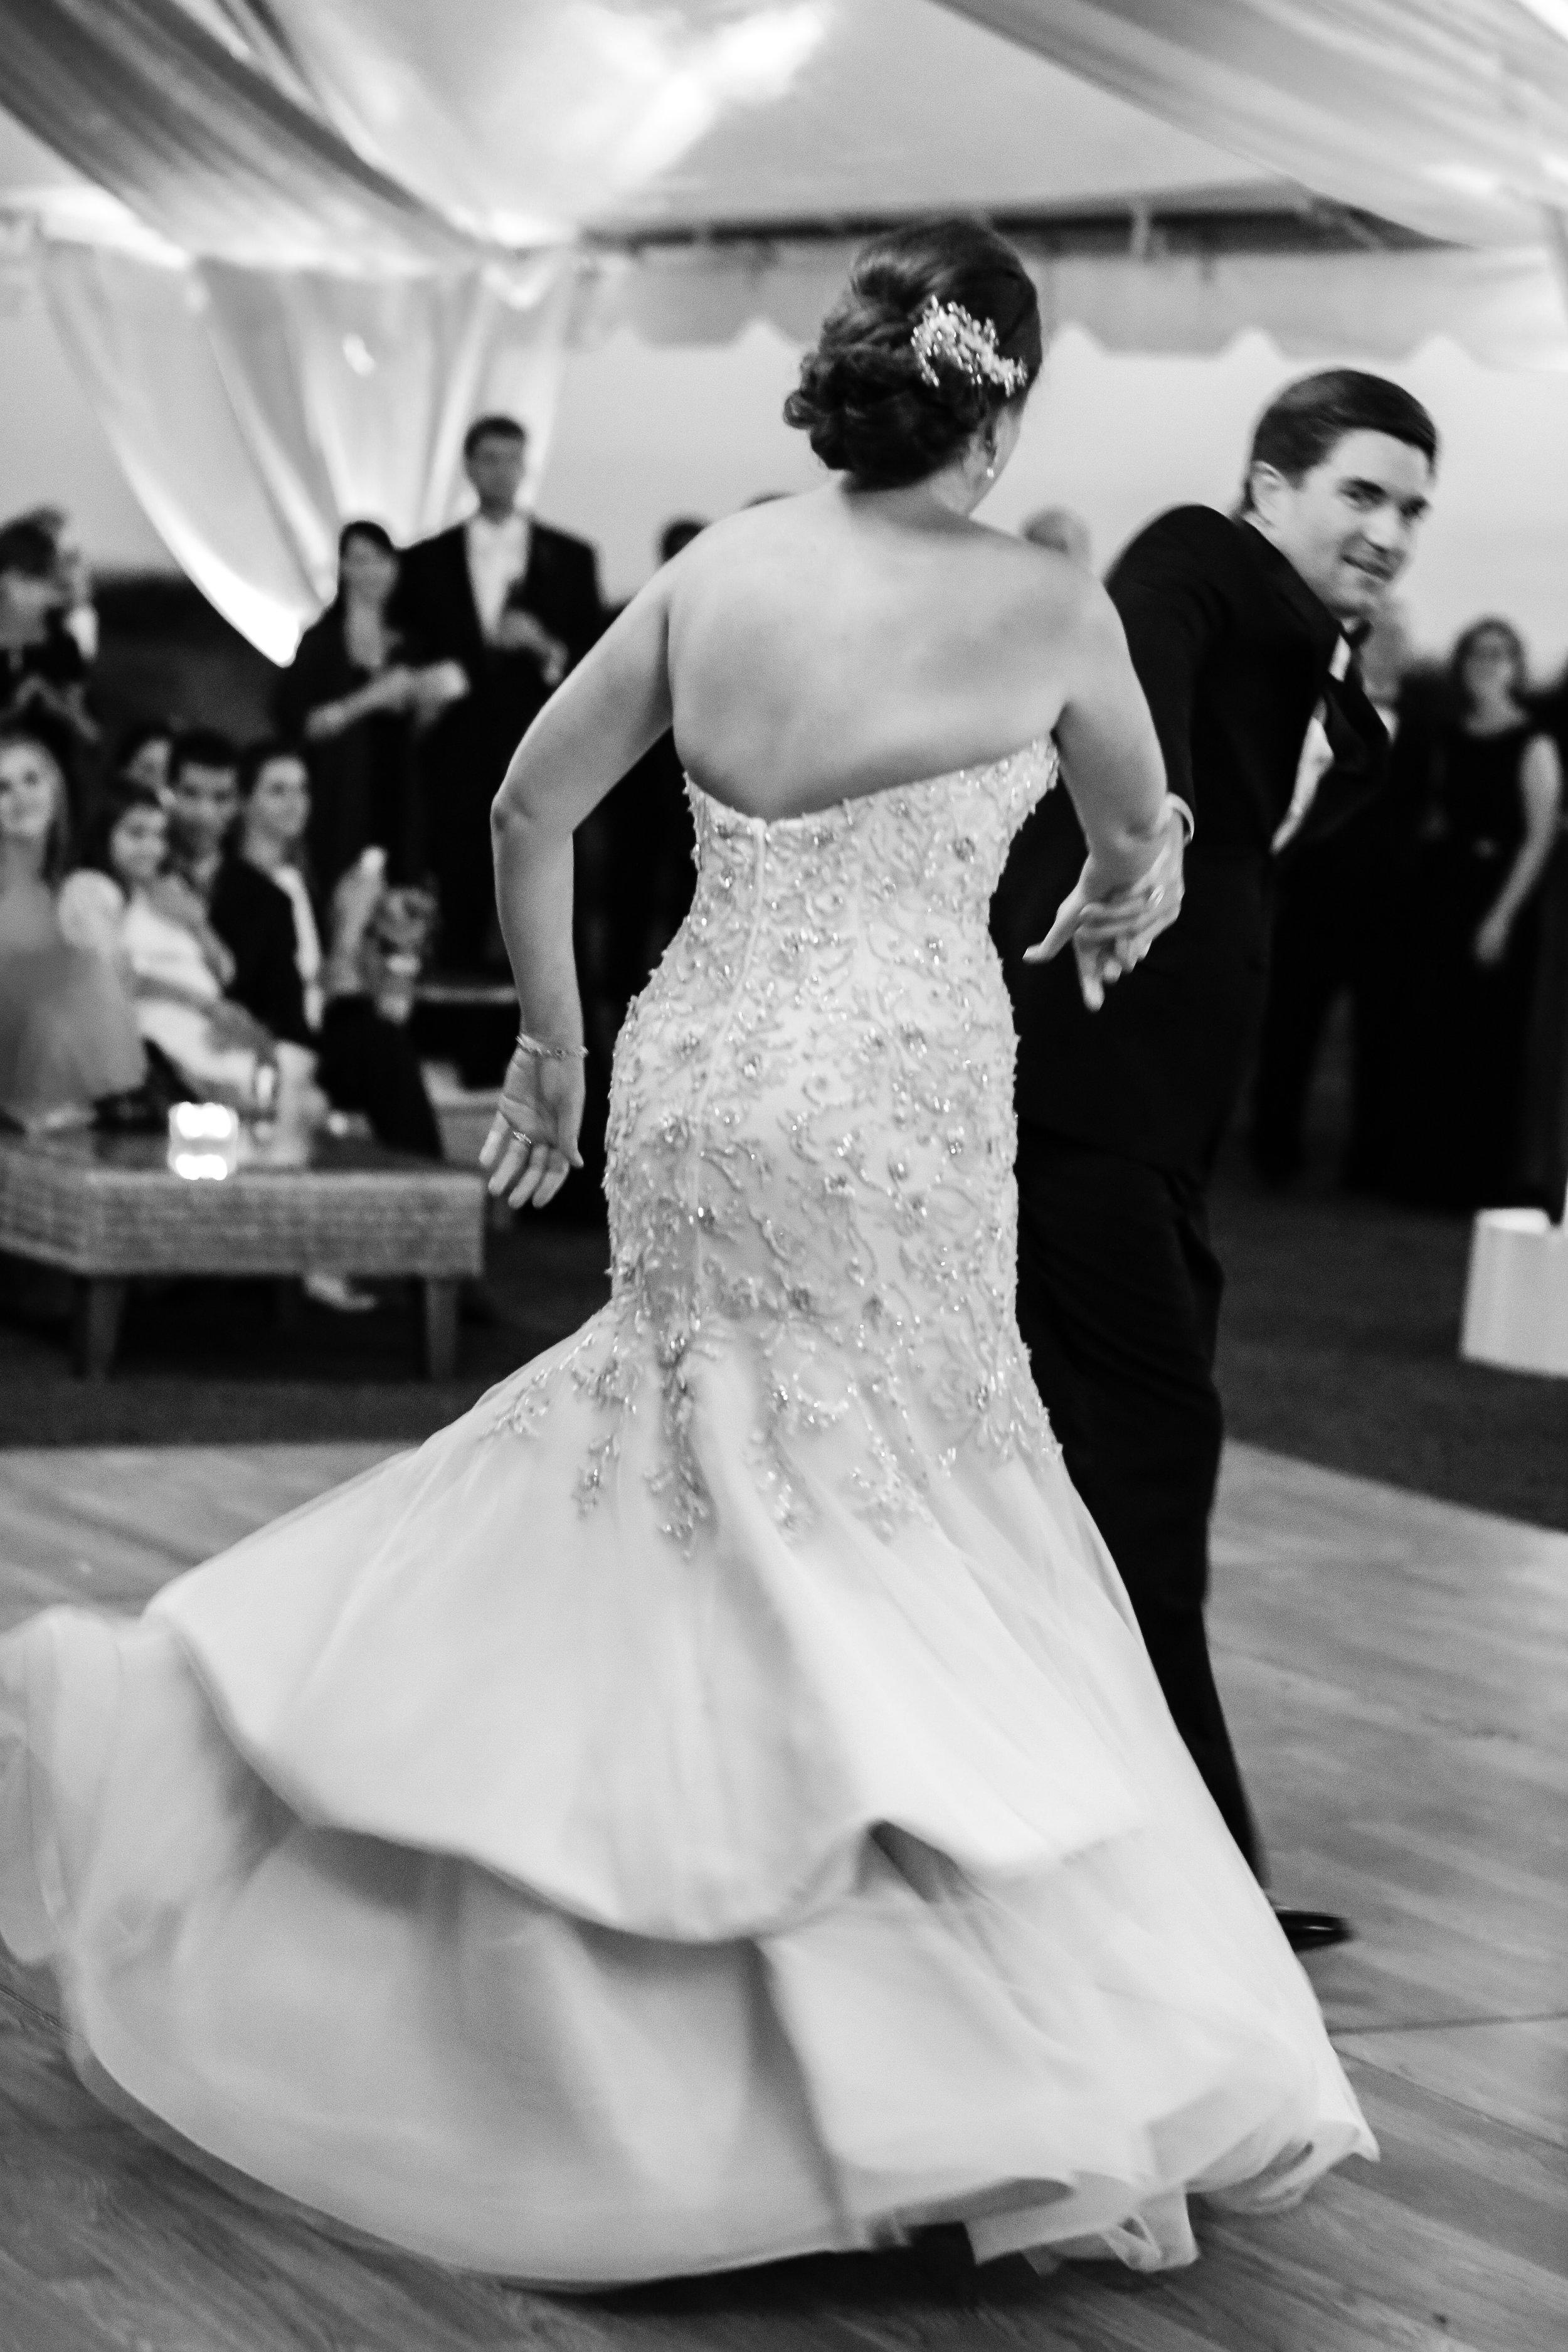 Destination South Carolina Wedding at Kiawah & St. John's Island